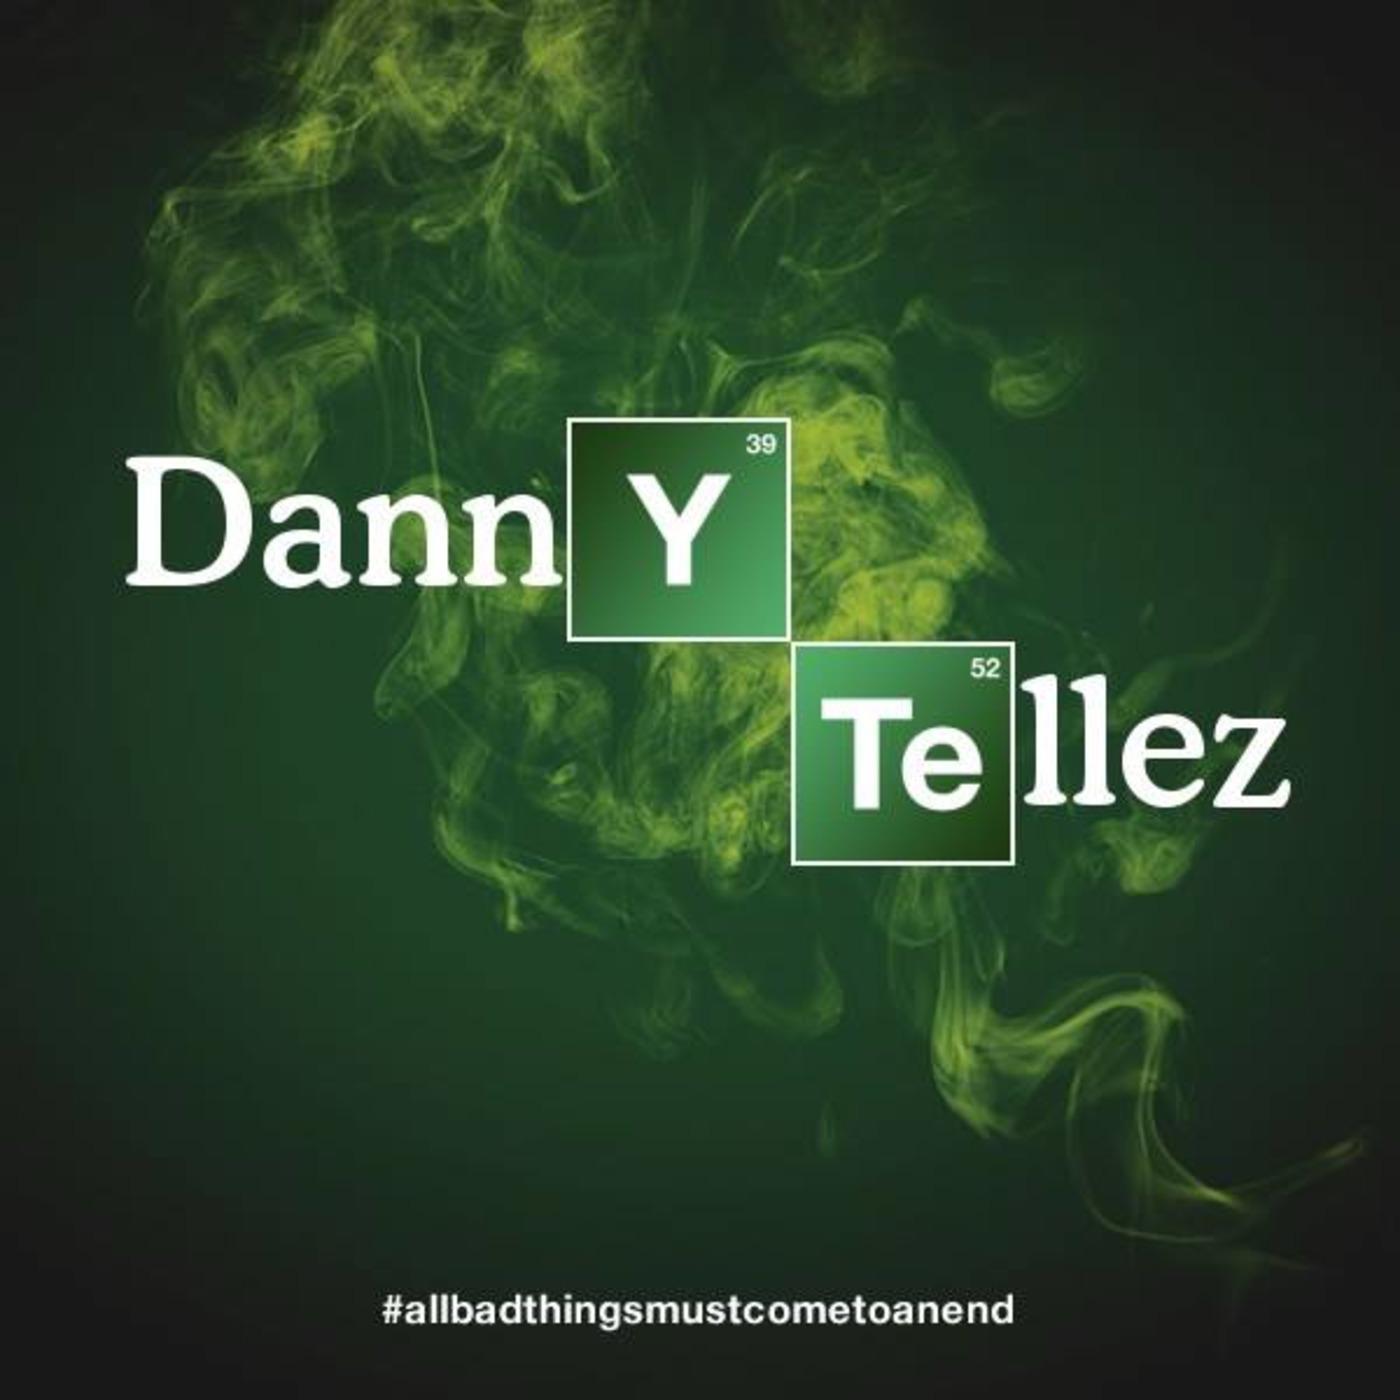 DJ Danny Tellez